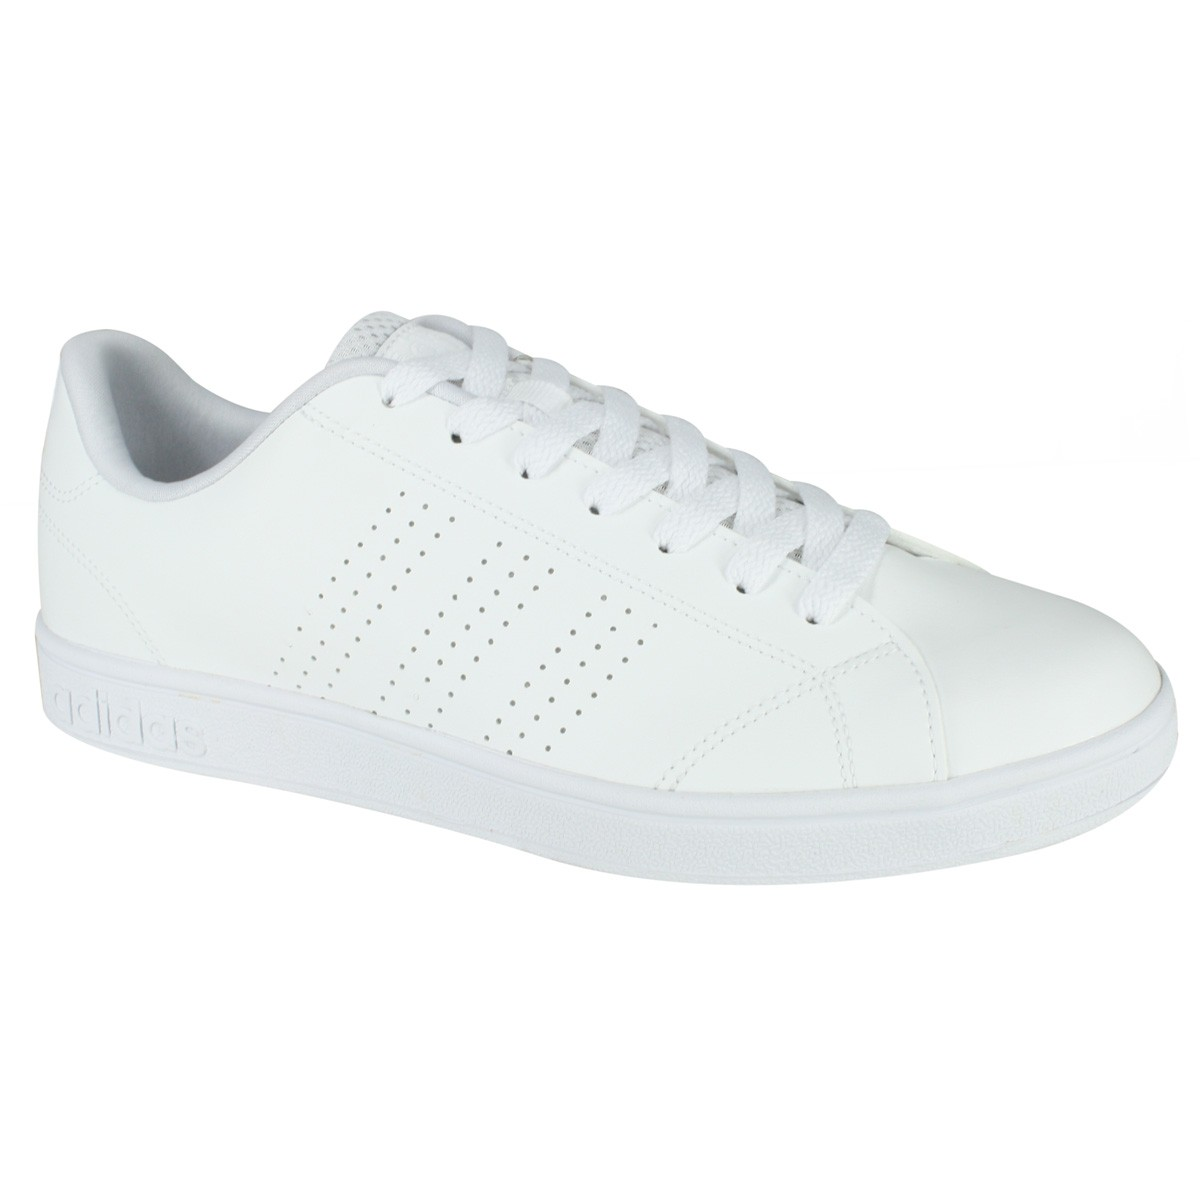 0f6fe7ab4 Tênis Adidas Advantage Clean VS B74685 - Branco - Calçados Online ...